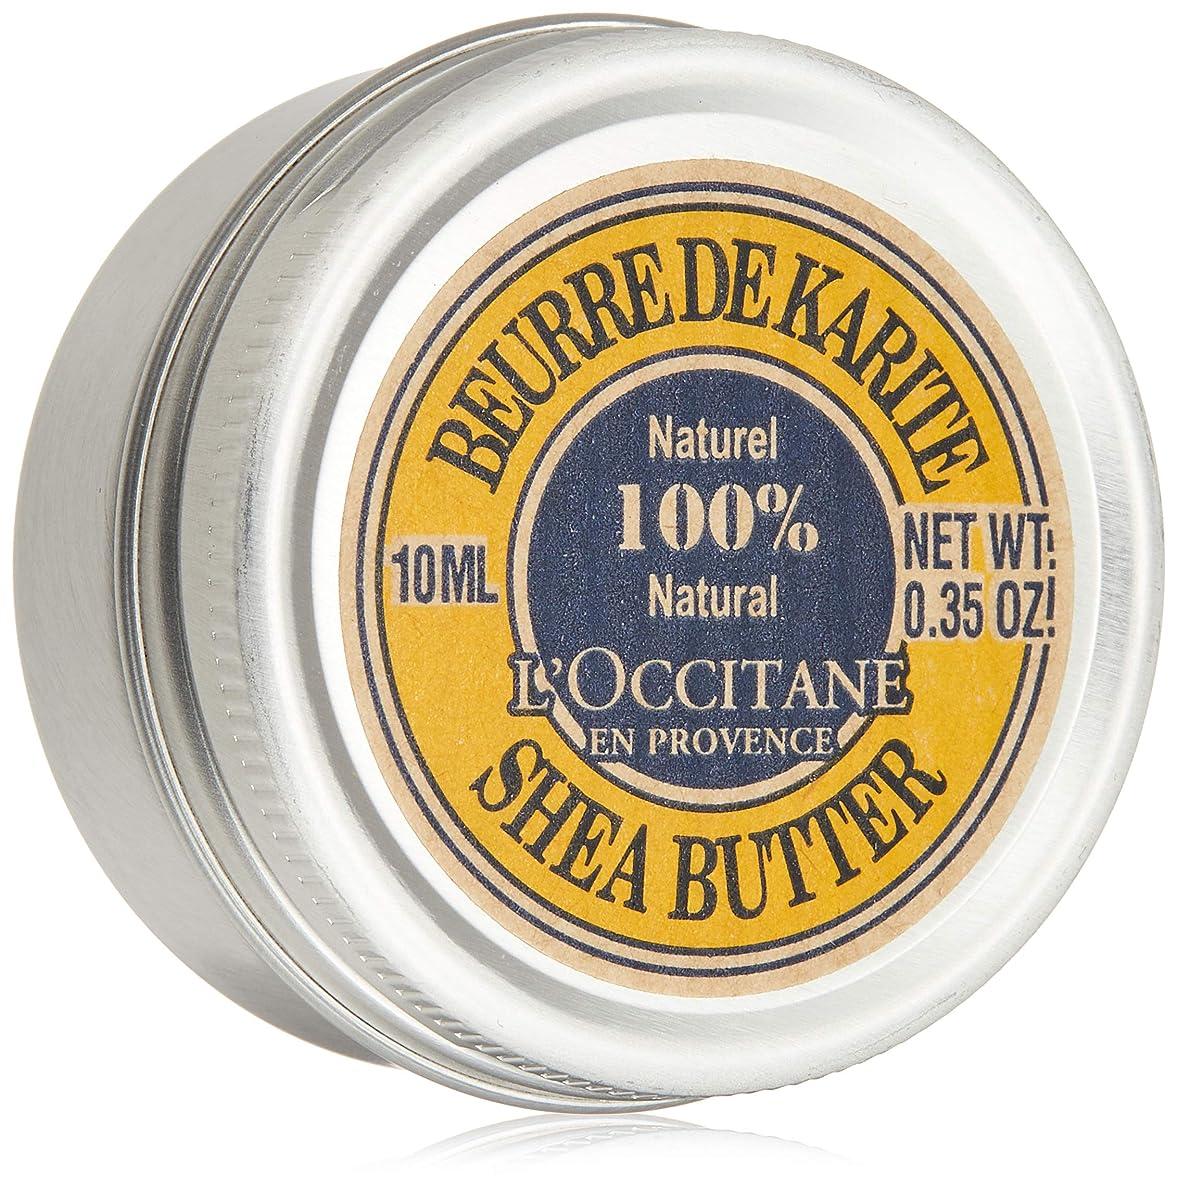 接尾辞確かにいろいろロクシタン(L'OCCITANE) シアバター 10ml